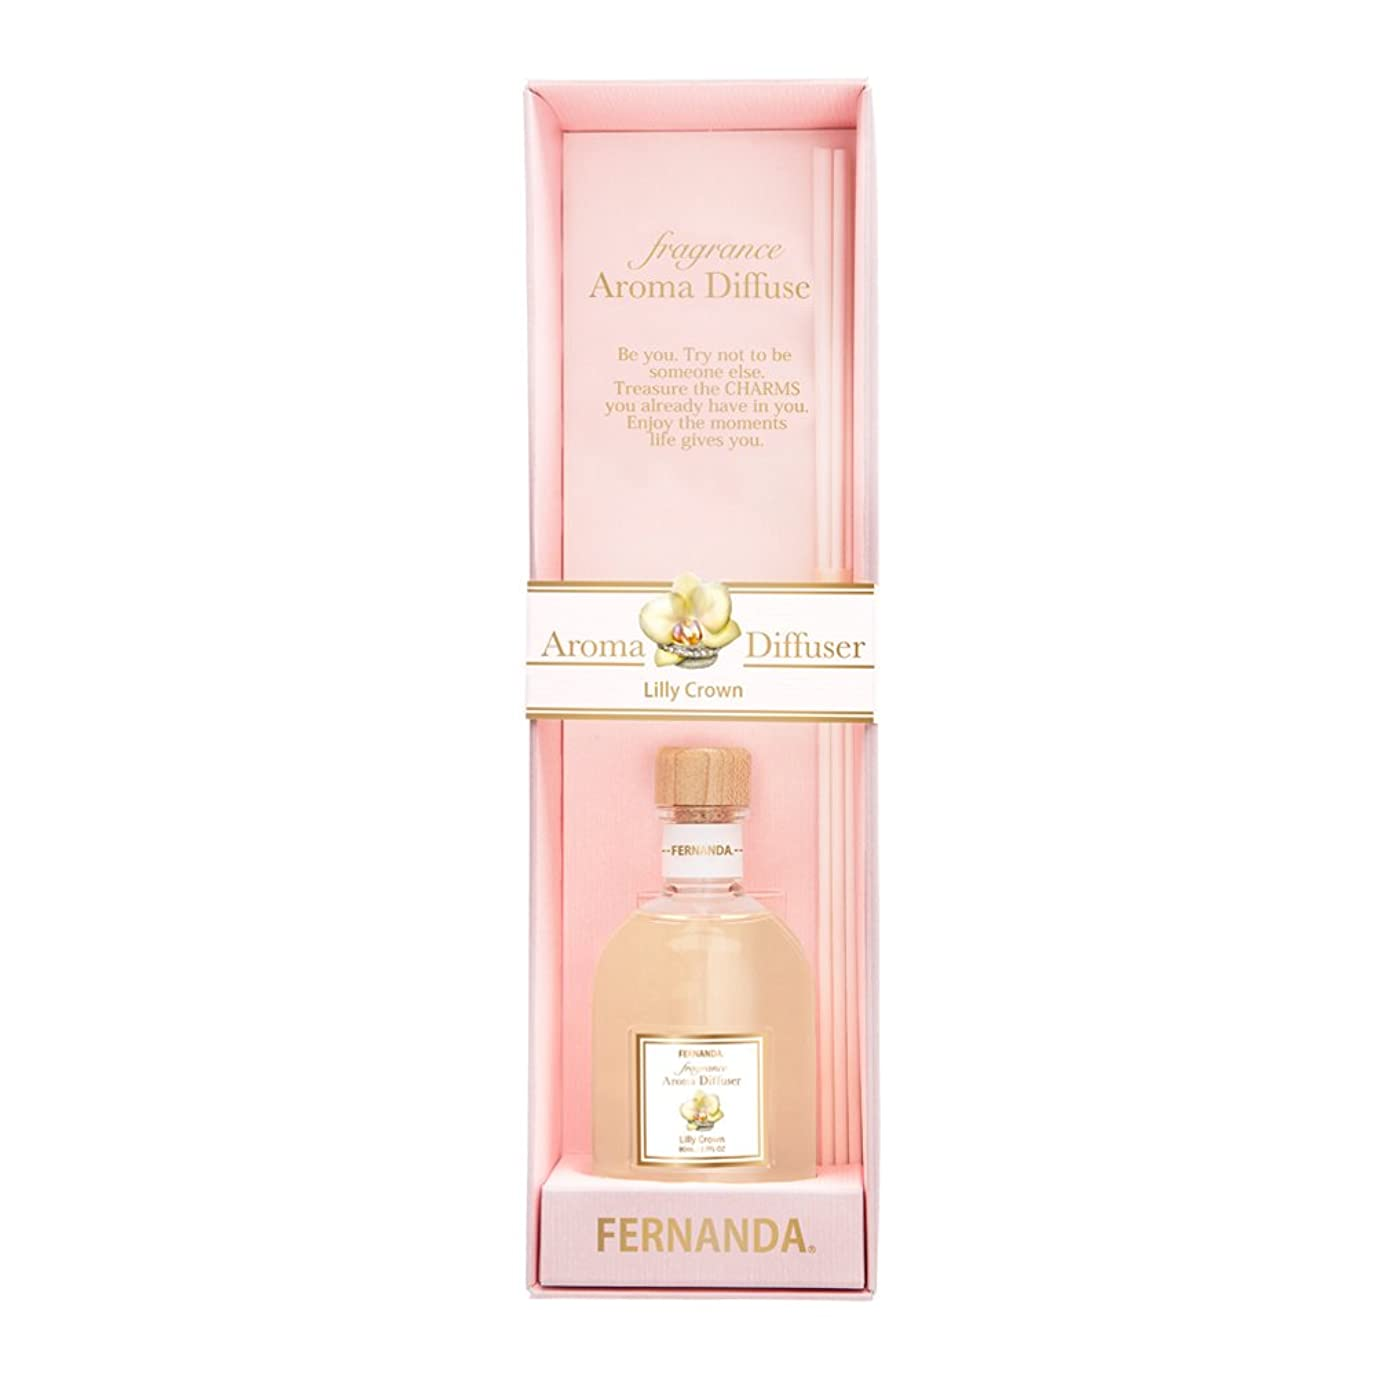 協同失態以前はFERNANDA(フェルナンダ) Fragrance Aroma Diffuser Lilly Crown (アロマディフューザー リリークラウン)